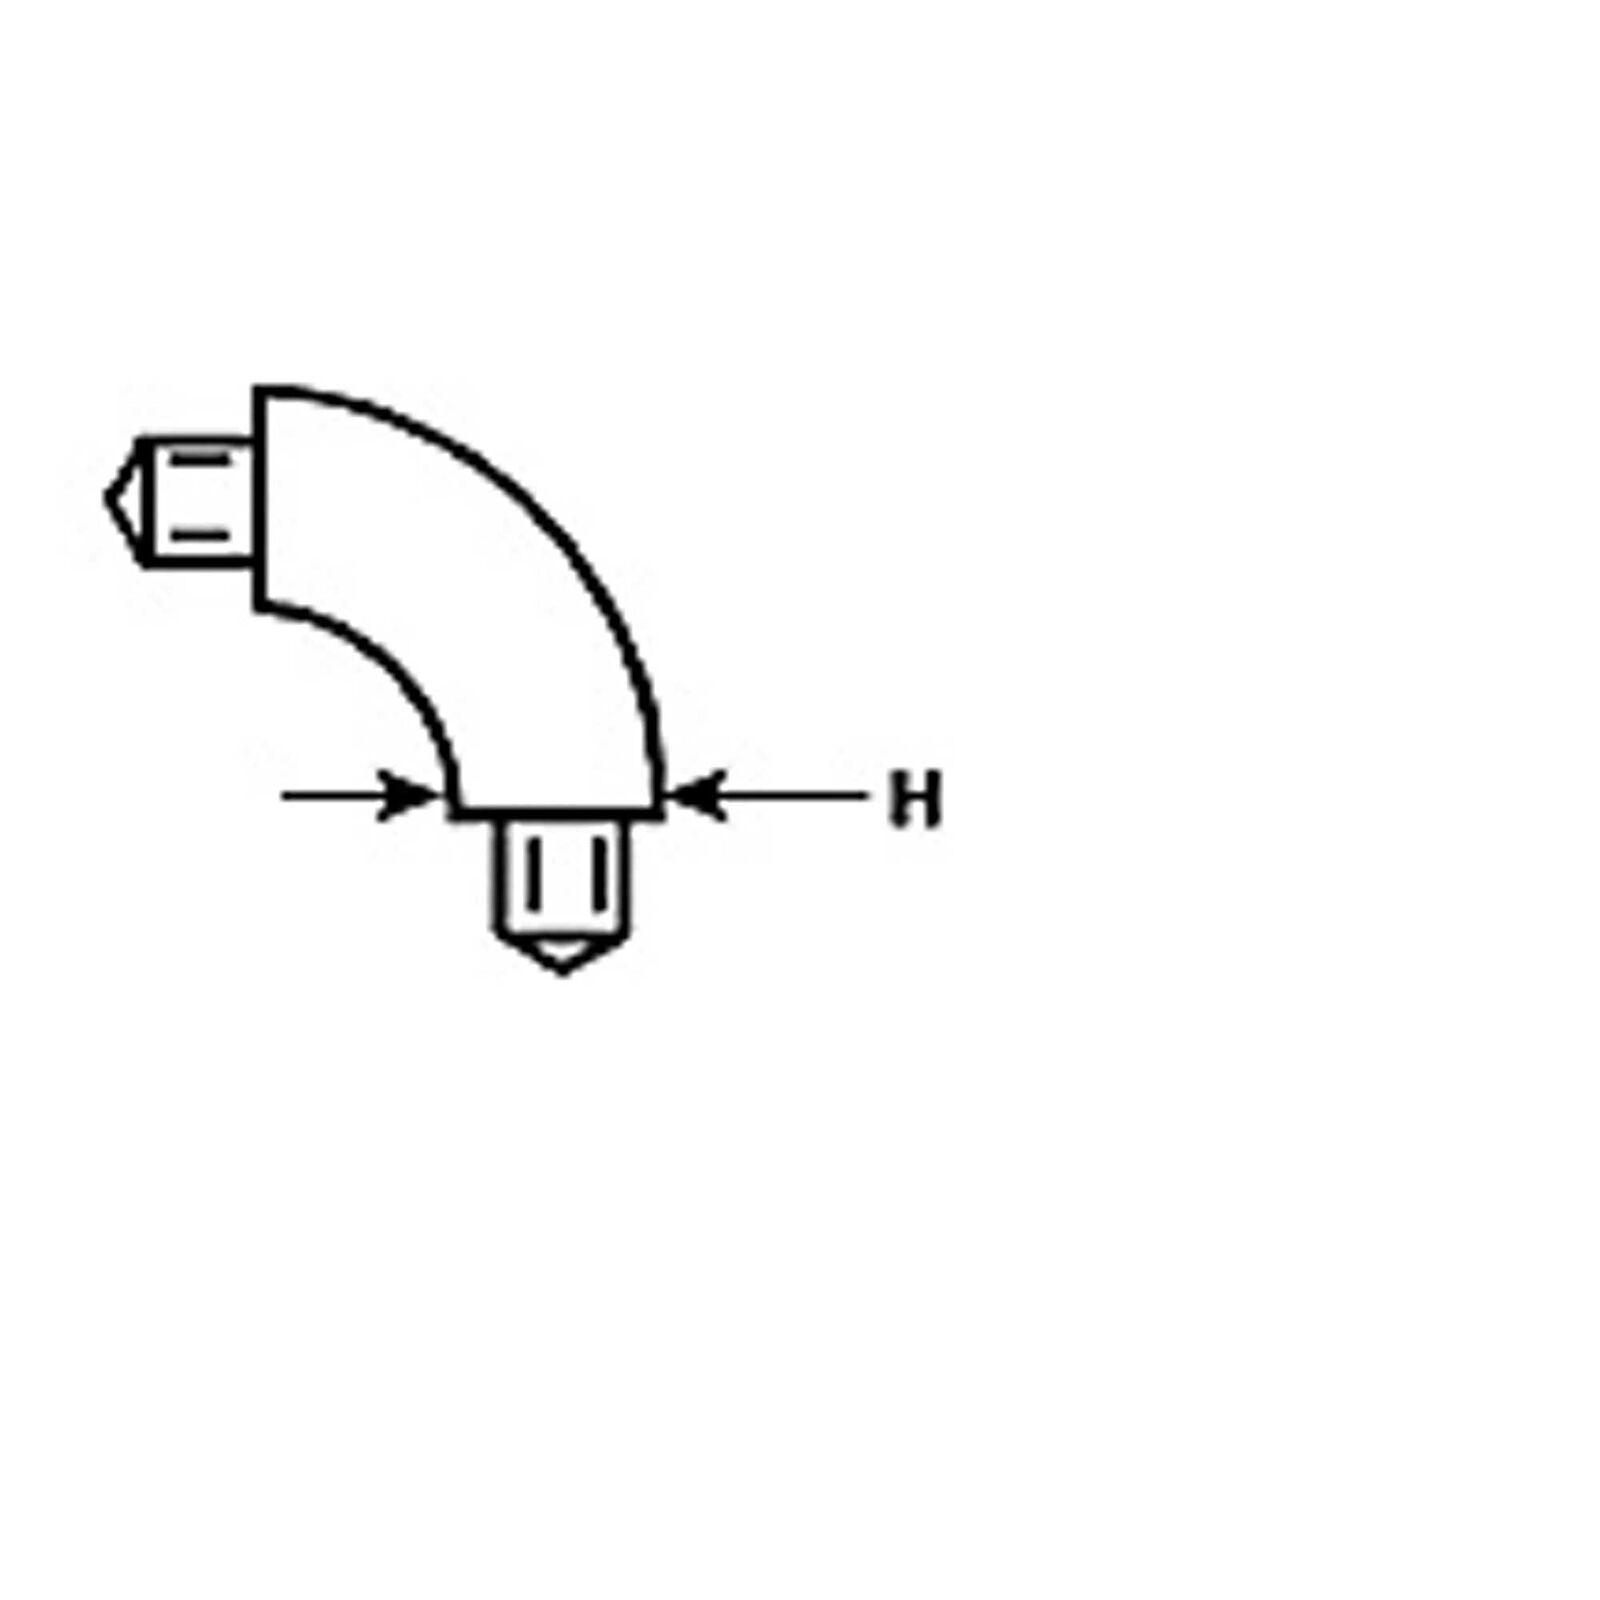 E-8 90 Elbow   Butyrate Tubing TB-8 (5)